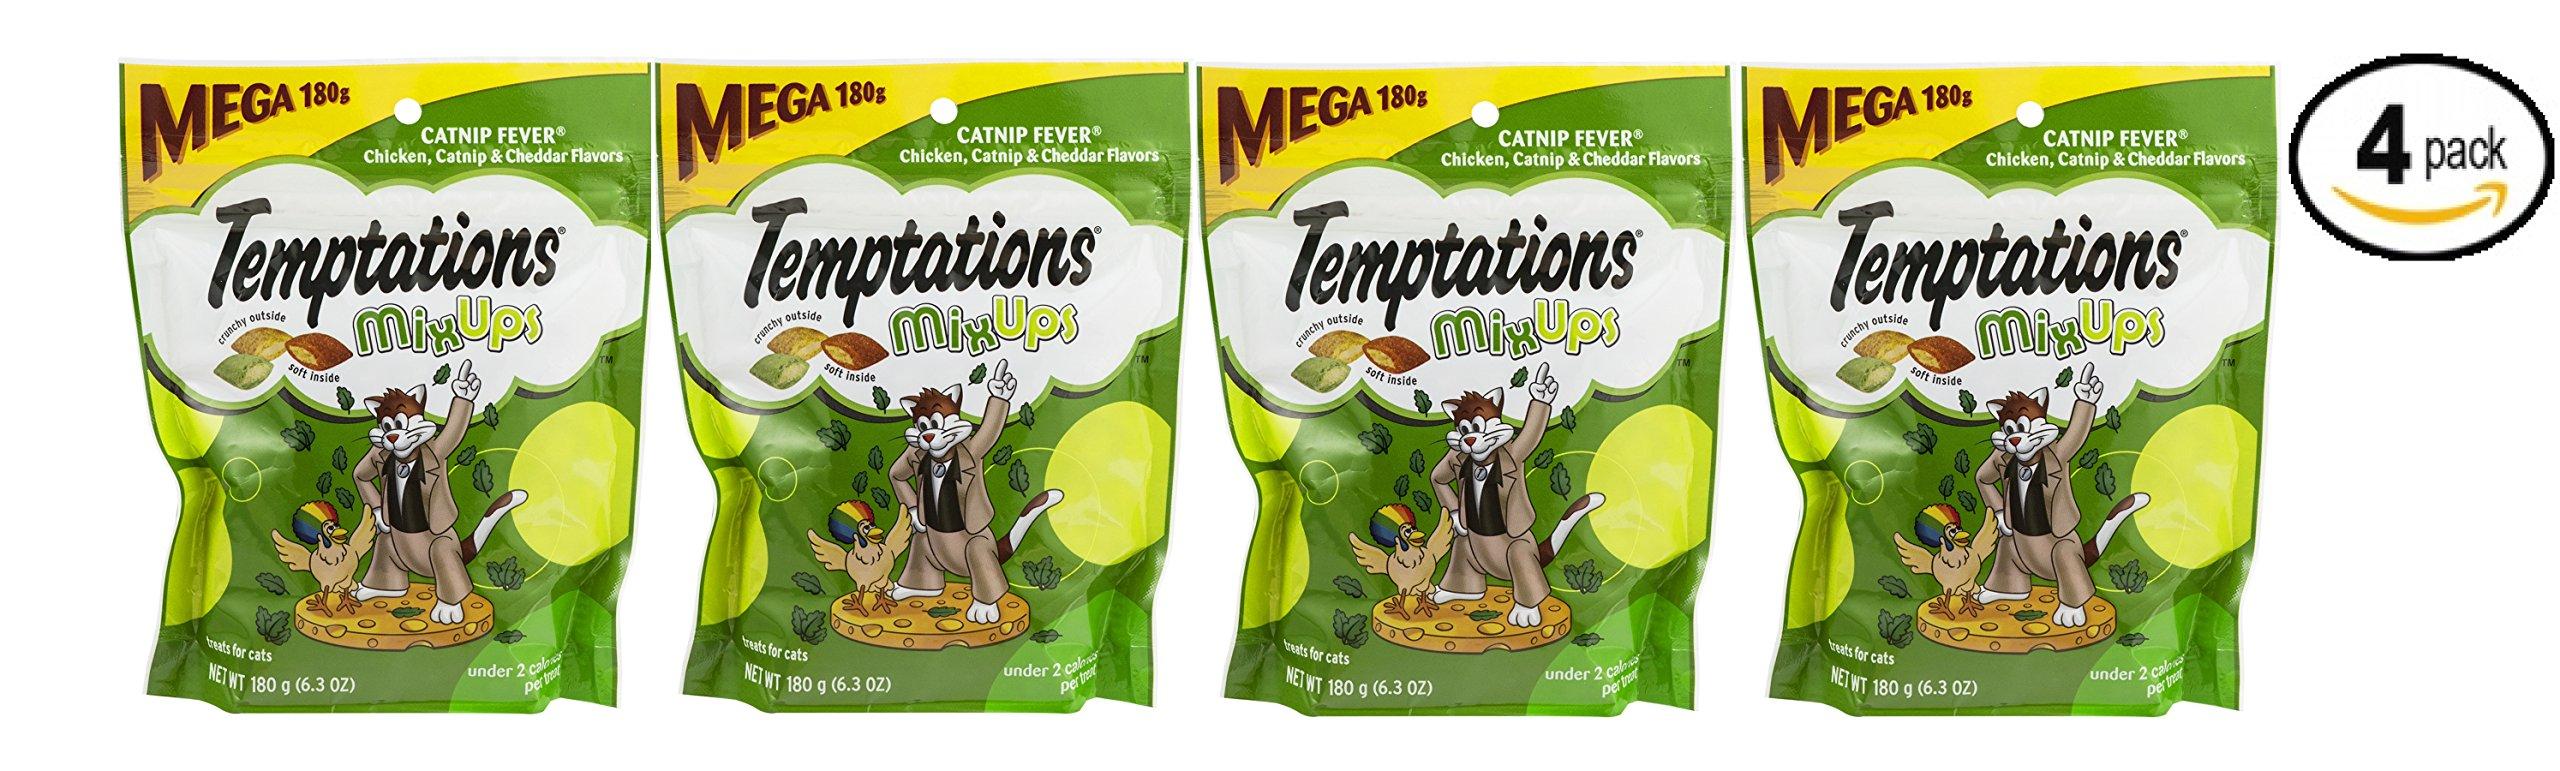 Temptations Mixups Catnip Fever Flavor Cat Treats, 6.3 Oz - Pack of 4